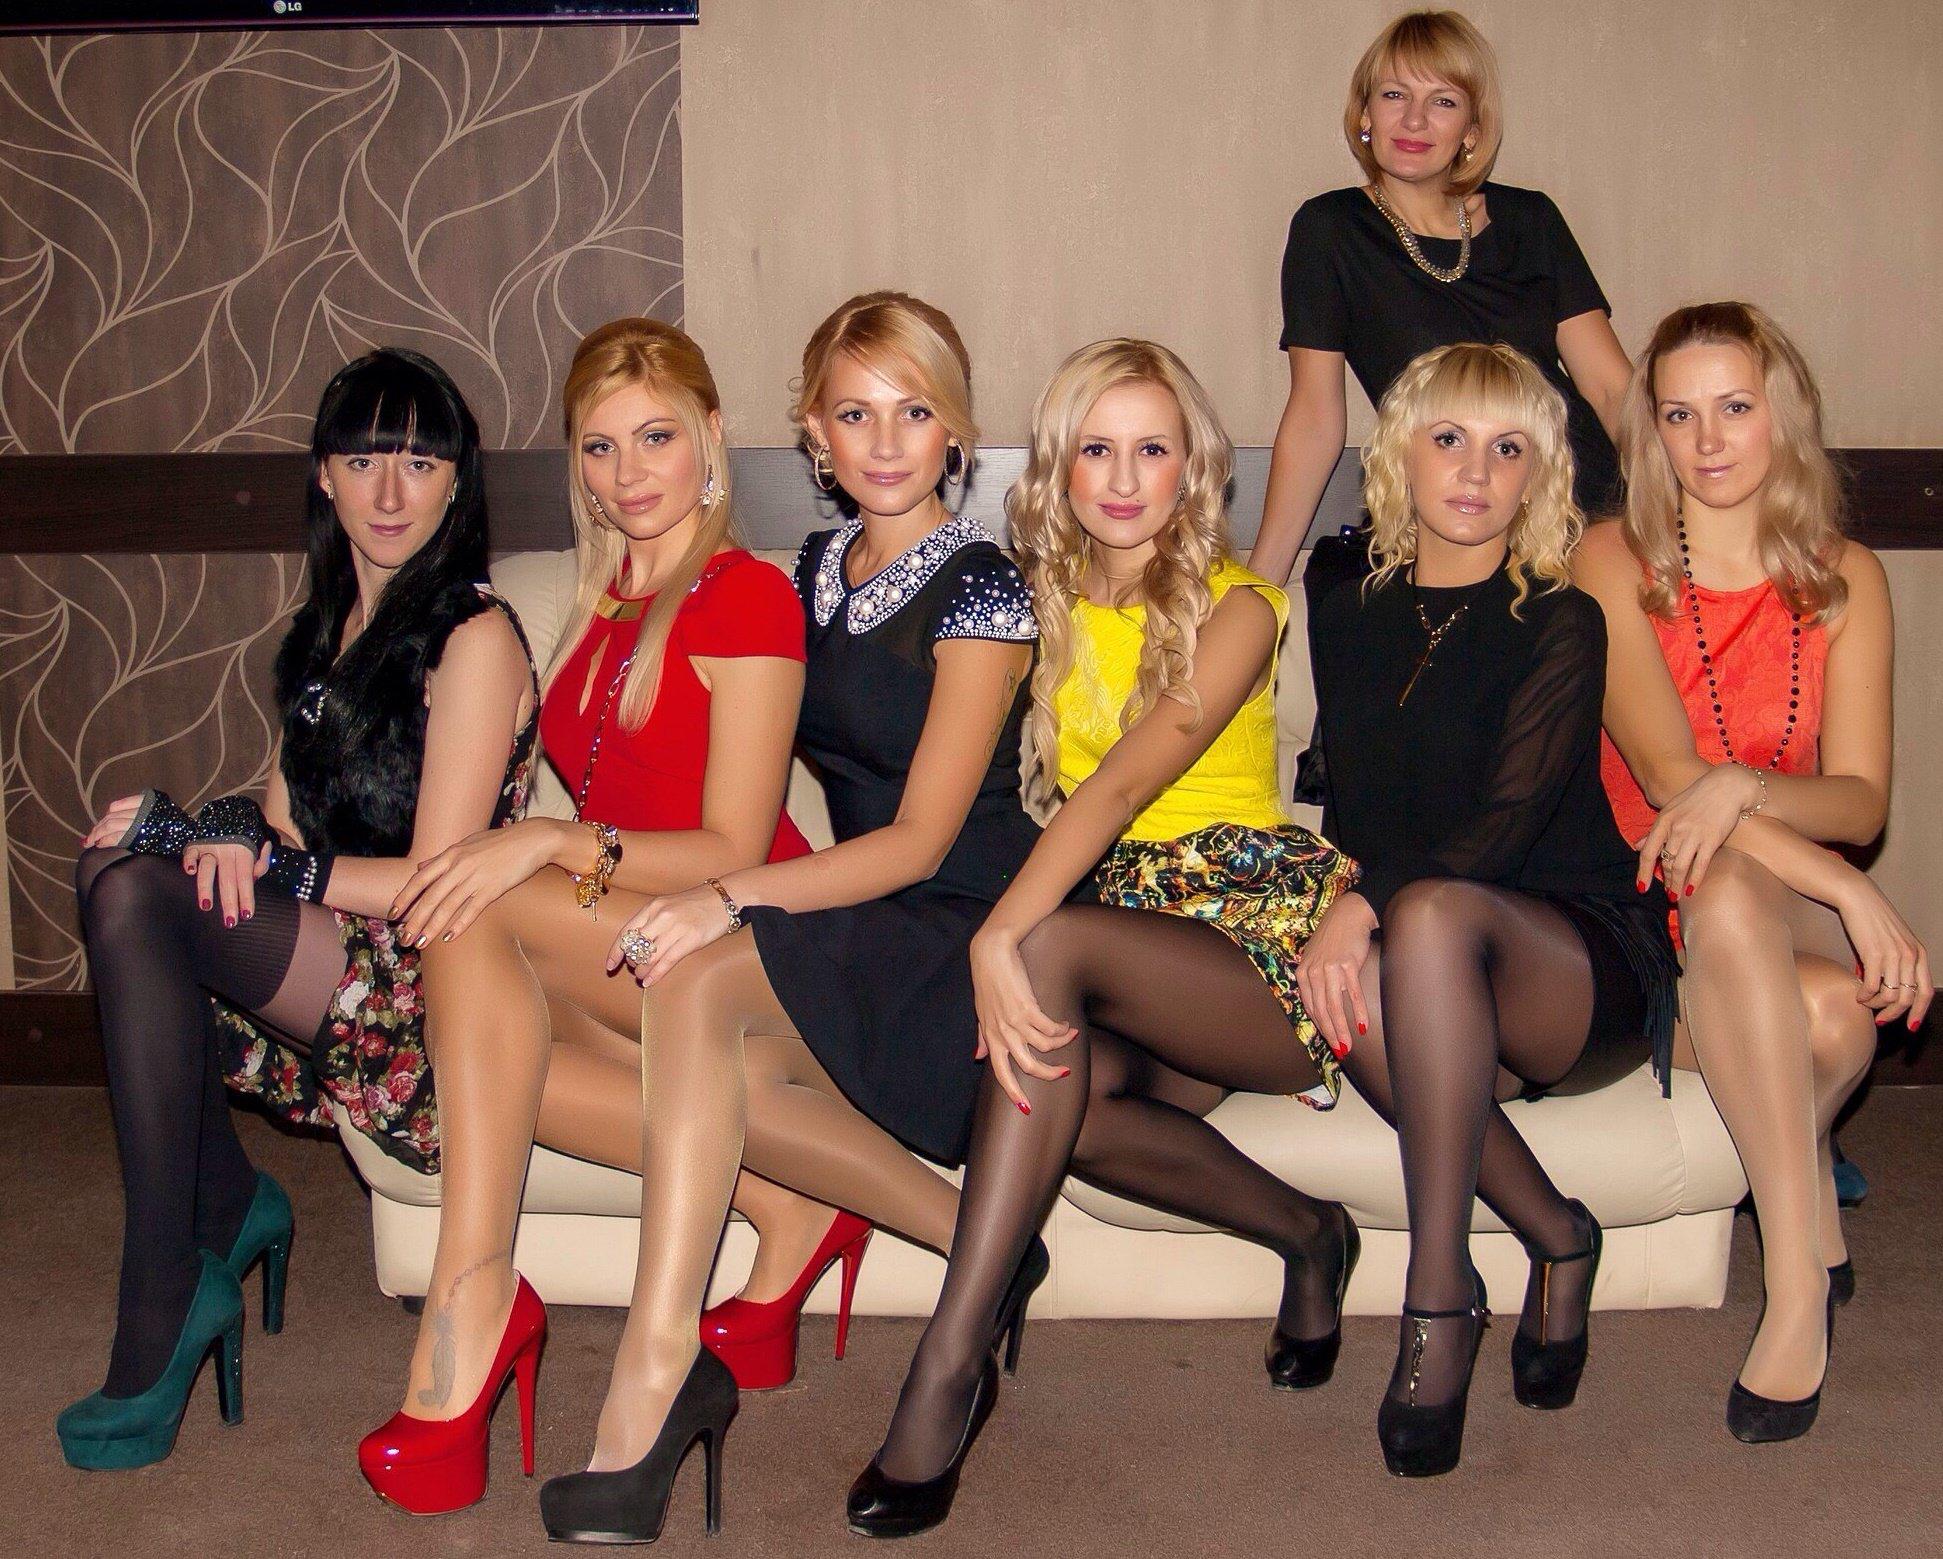 дорогое женский коллектив толочинского рик фотогалерея ежегодном конкурсе